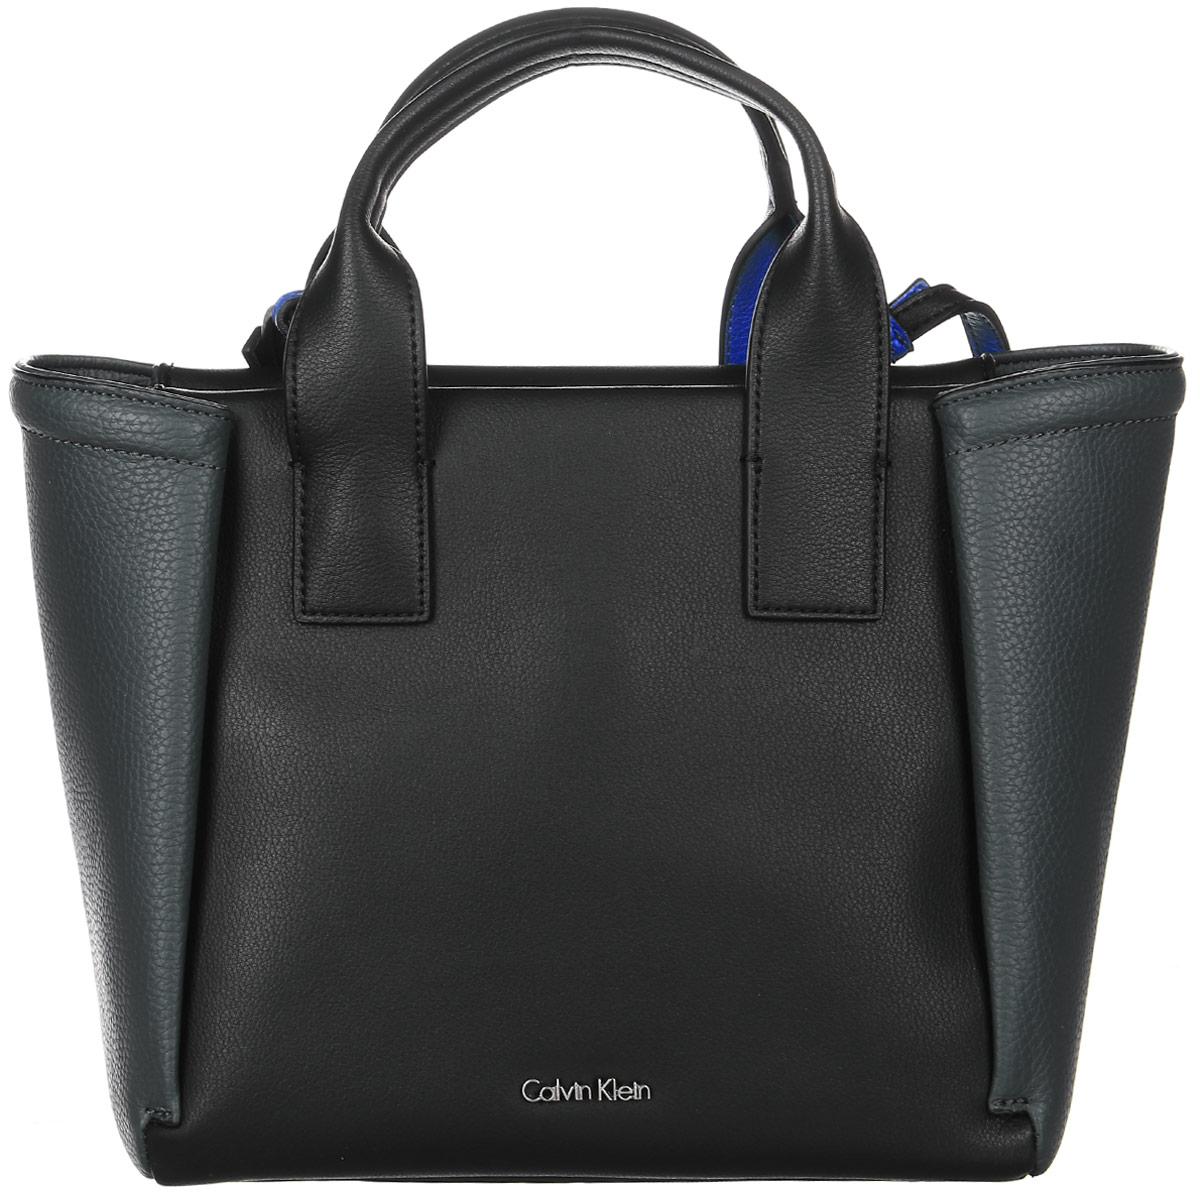 Сумка женская Calvin Klein Jeans, цвет: черный. K60K602482_0010485Стильная женская сумка Calvin Klein Jeans выполнена из полиуретана. Сумка имеет одно основное отделение, закрывающееся на застежку-молнию. Внутри модель имеет прорезной карман на застежке-молнии и два накладных открытых кармана. Изделие оснащено двумя удобными ручками и съемным плечевым ремнем.